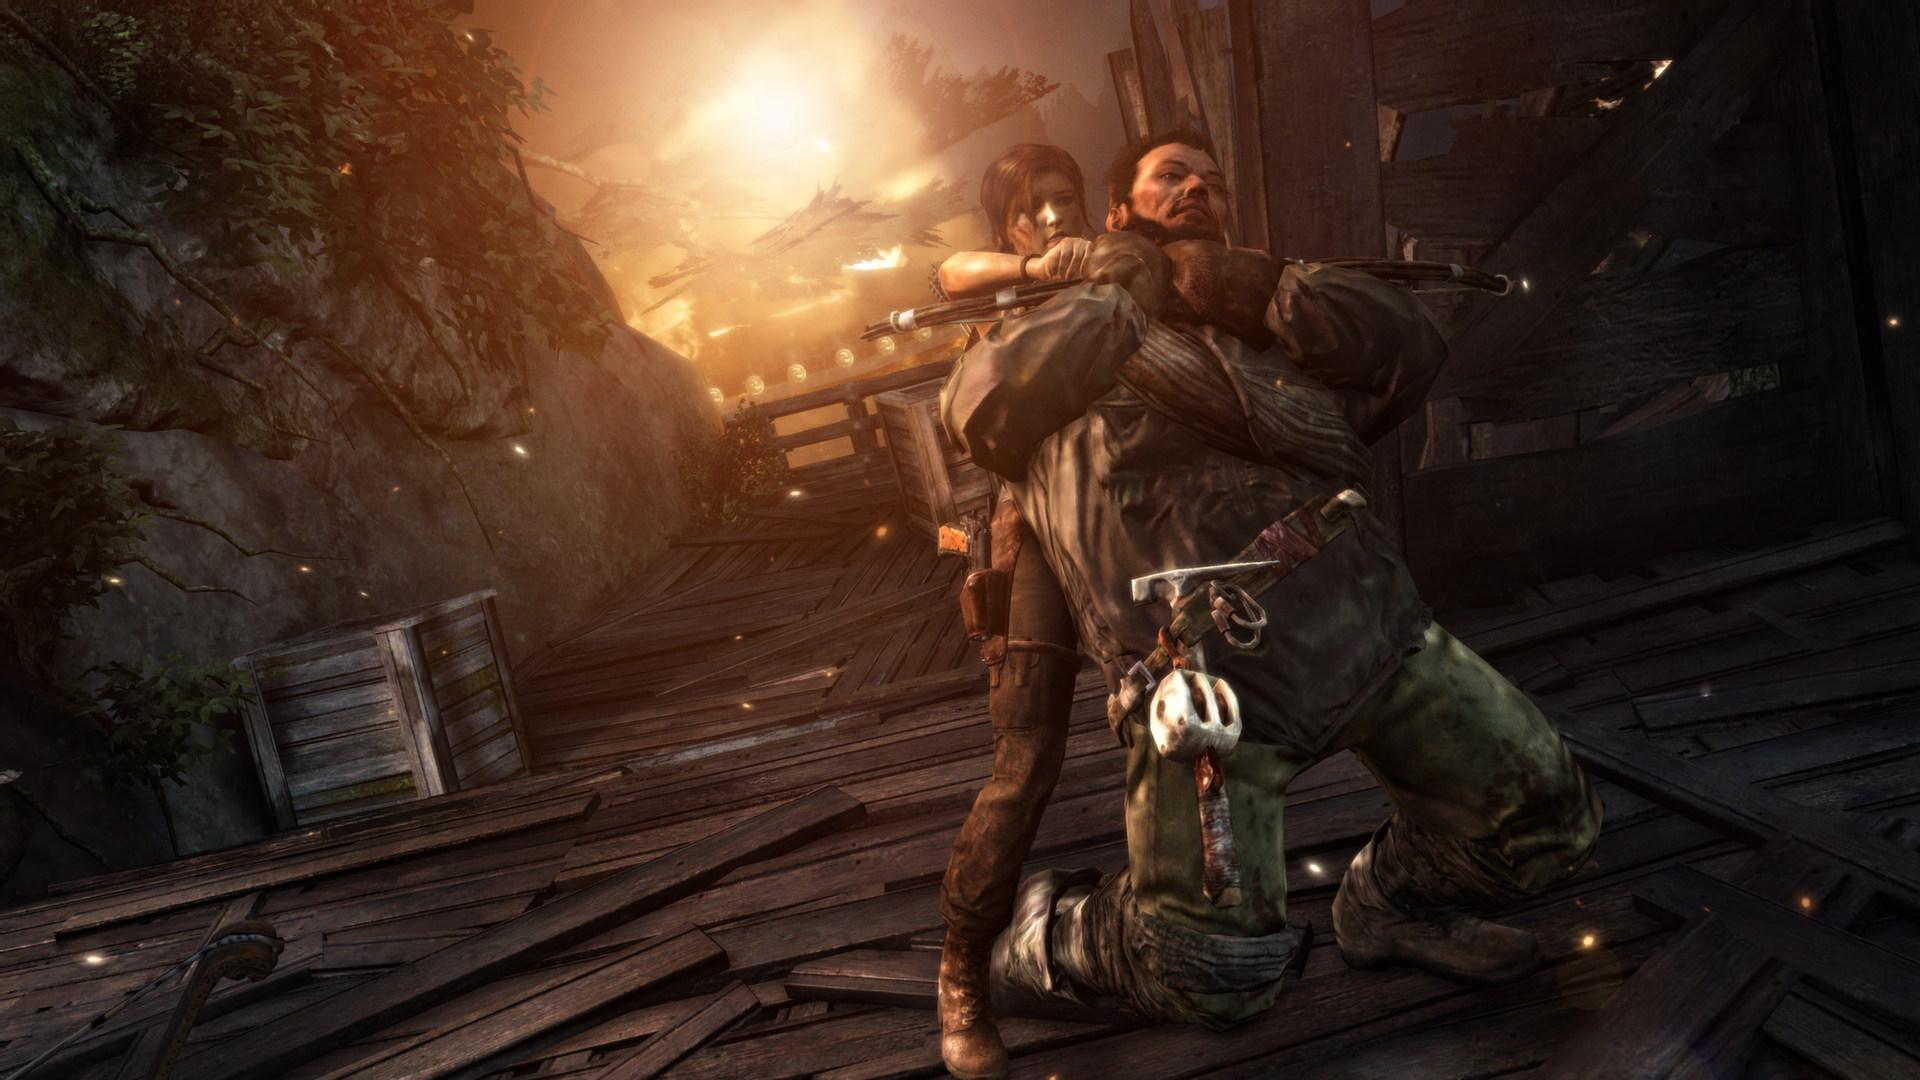 Tomb Raider Screenshot 3